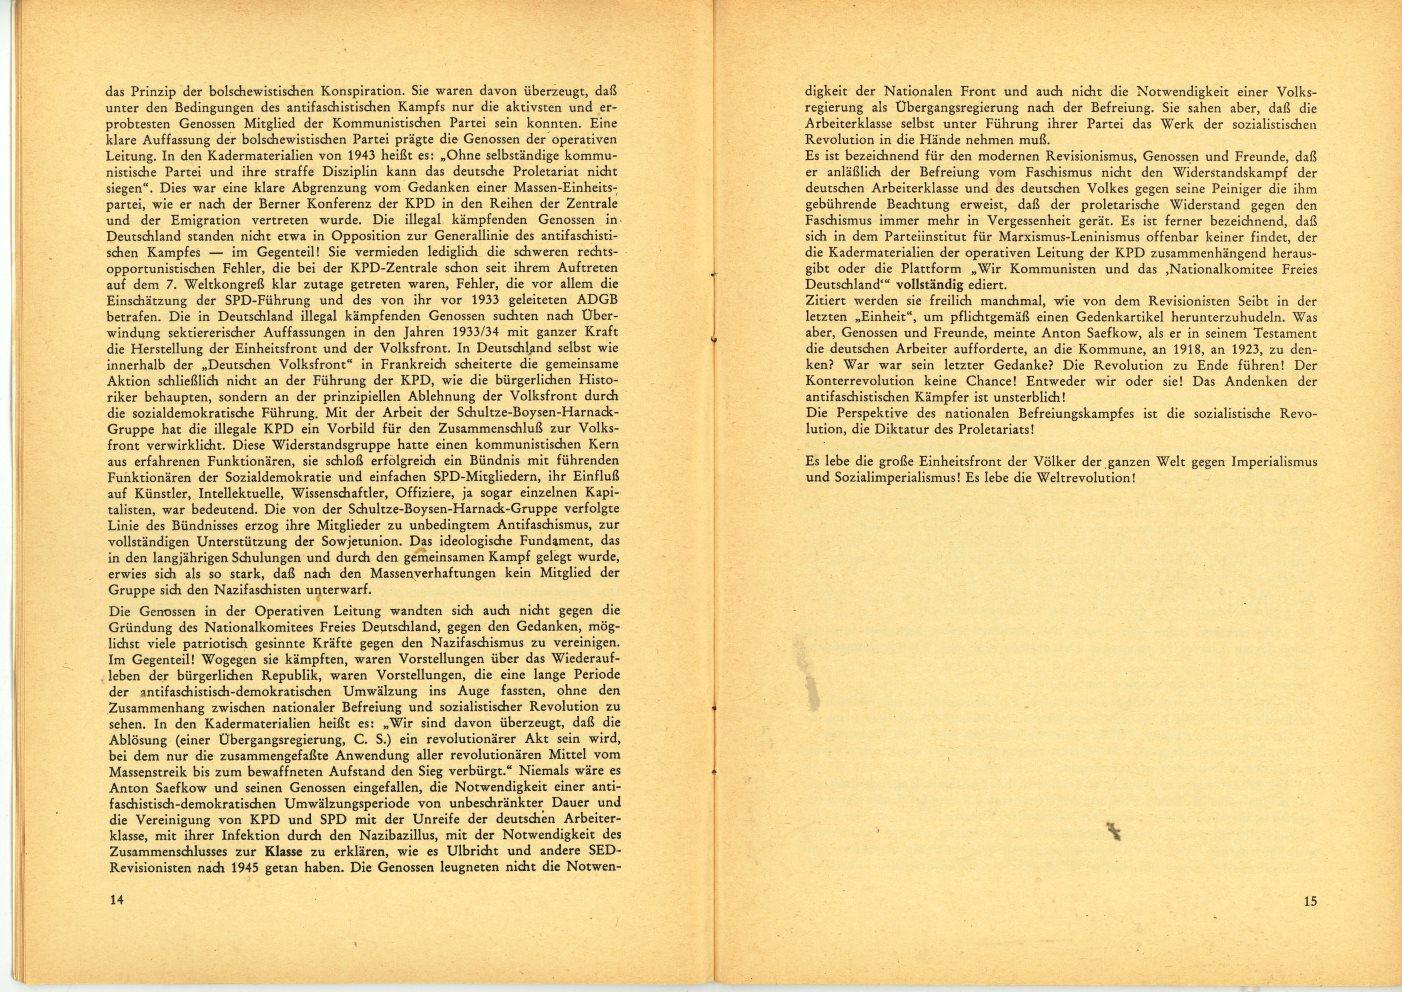 KPDAO_1975_30_Jahrestag_der_Befreiung_vom_Faschismus_09